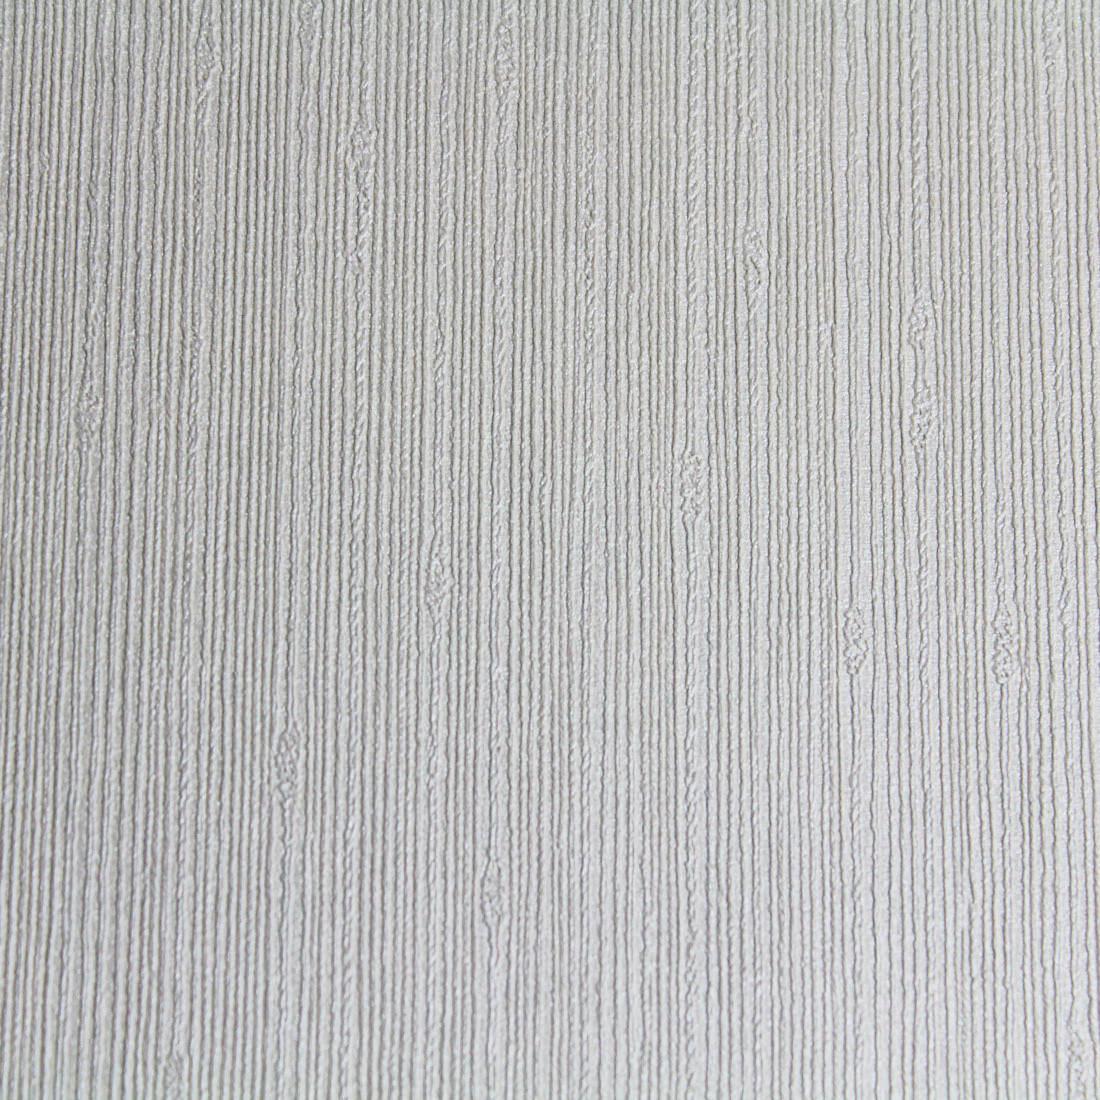 Papel de Parede Muresco Corium Liso Texturizado